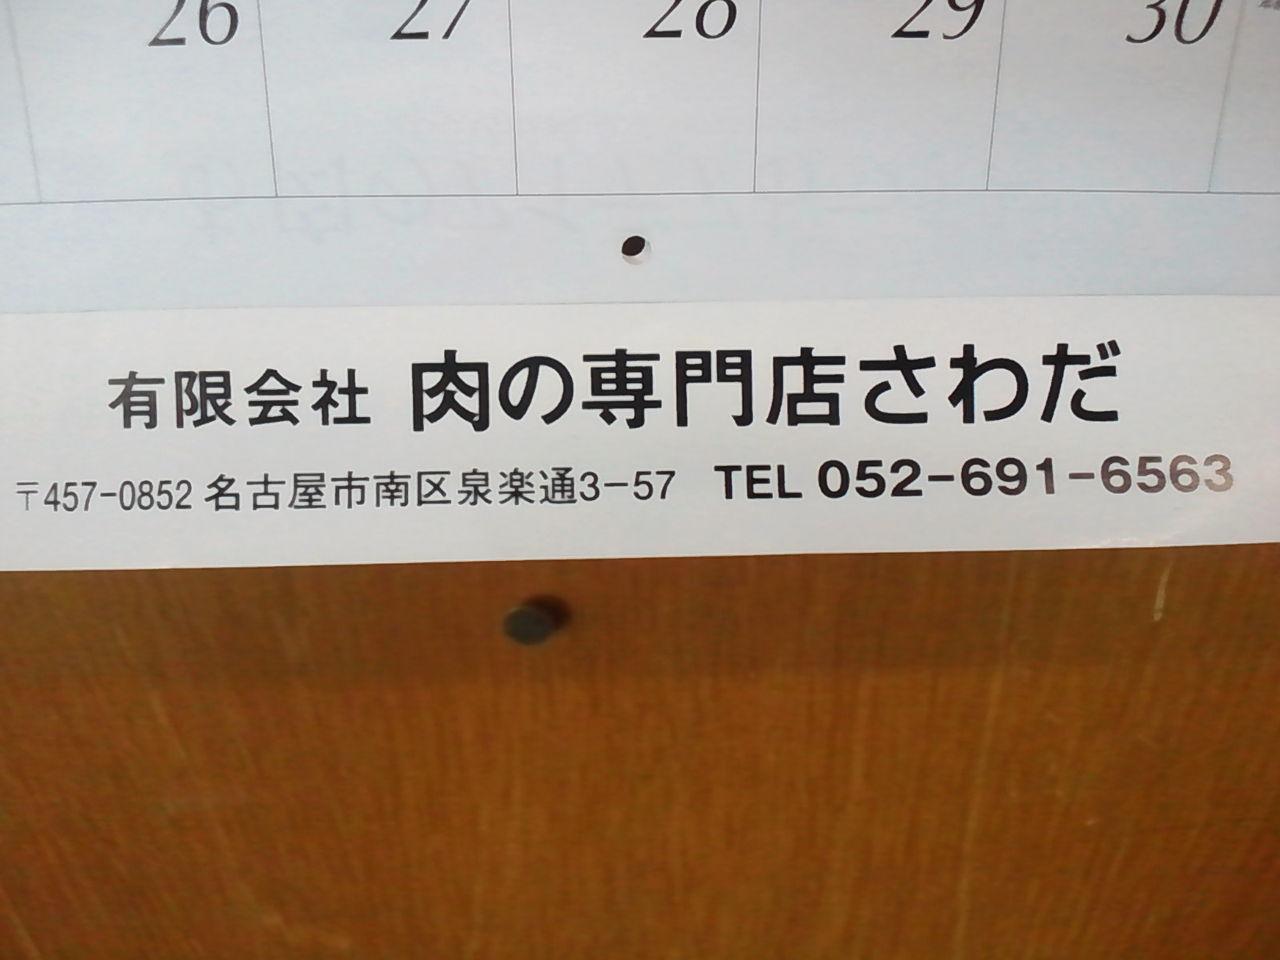 NEC_0456